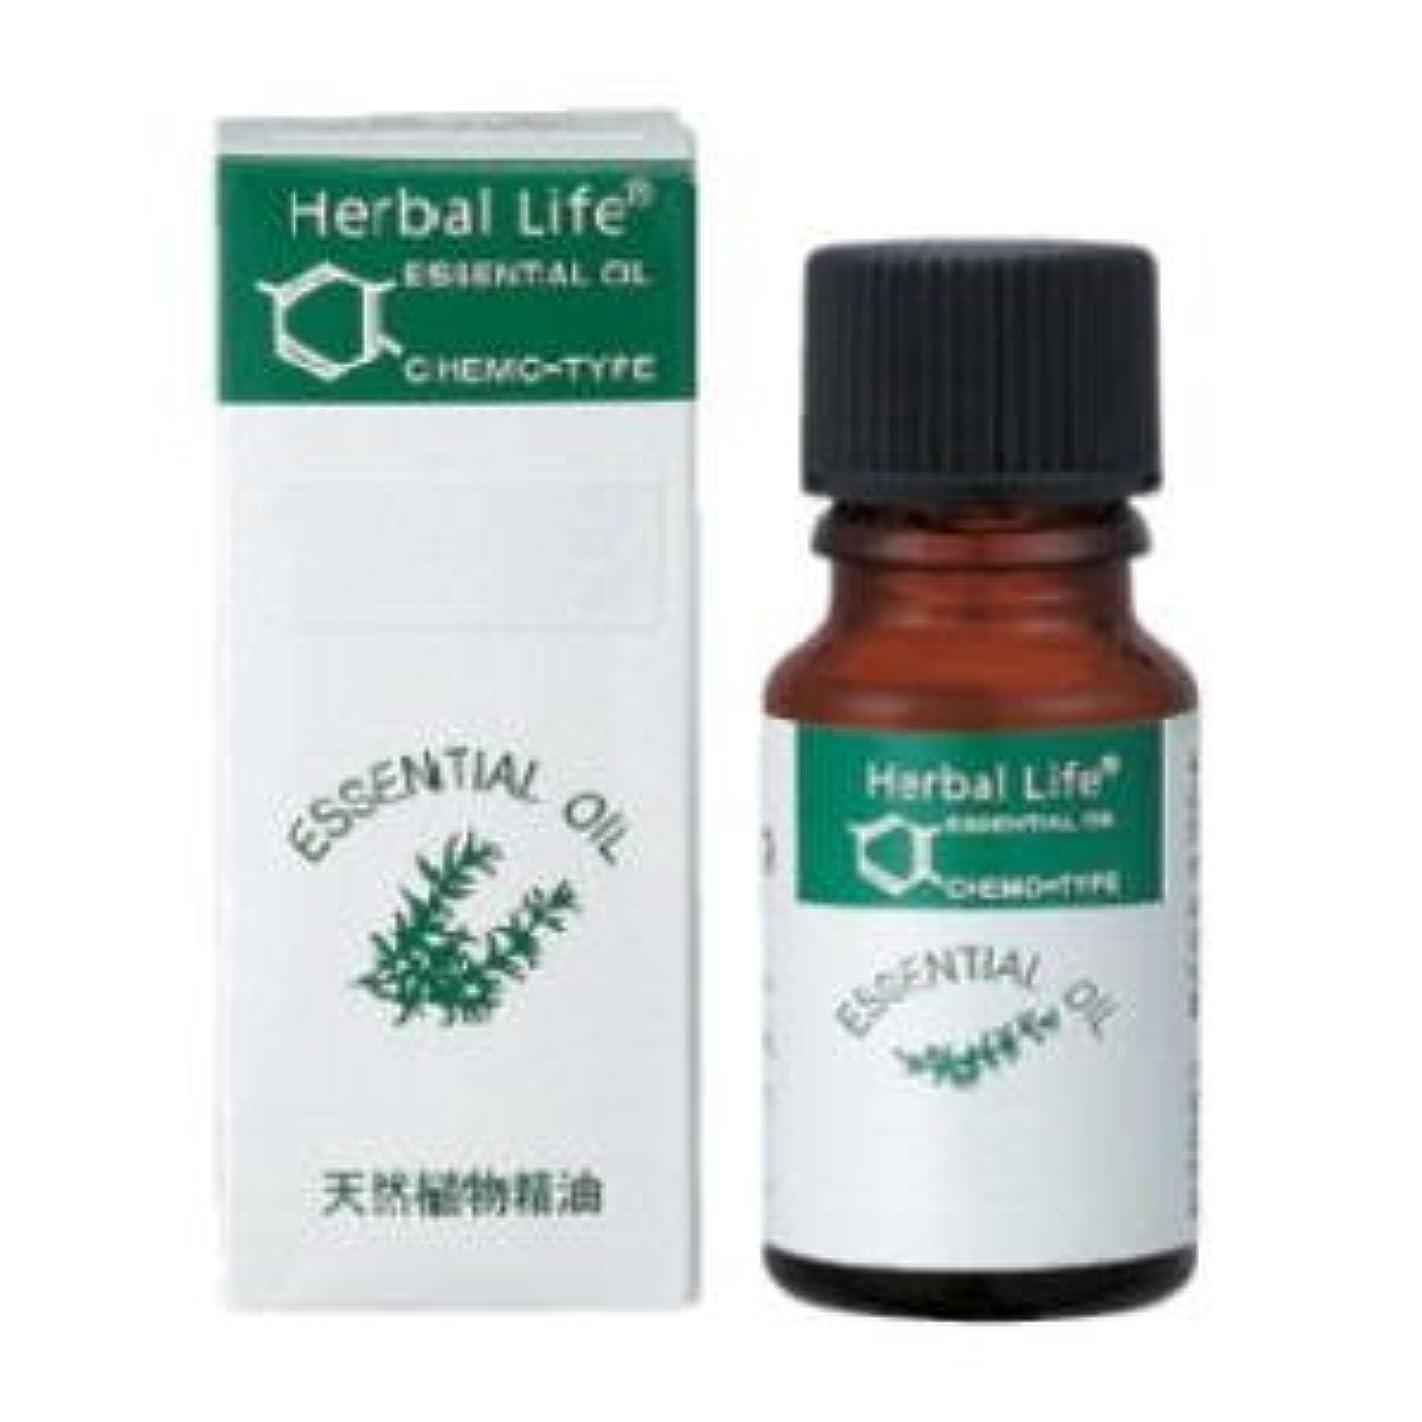 明るい深さアリ生活の木 トンカビーンズAbs.10ml エッセンシャルオイル/精油